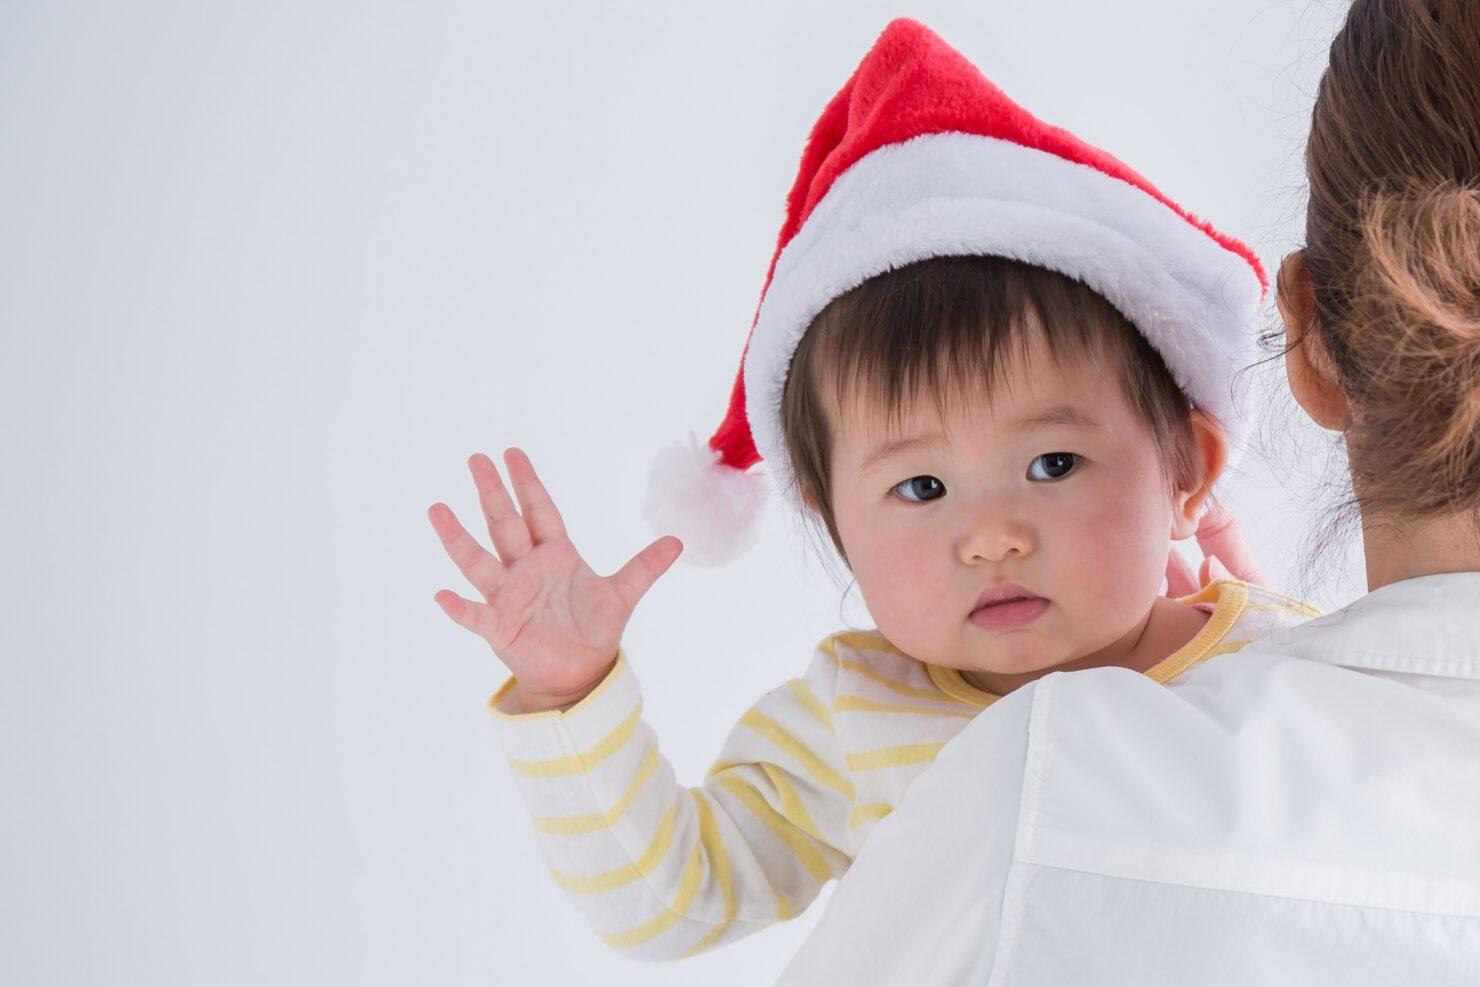 道具いらず! 乳児も楽しめるクリスマスゲーム4選